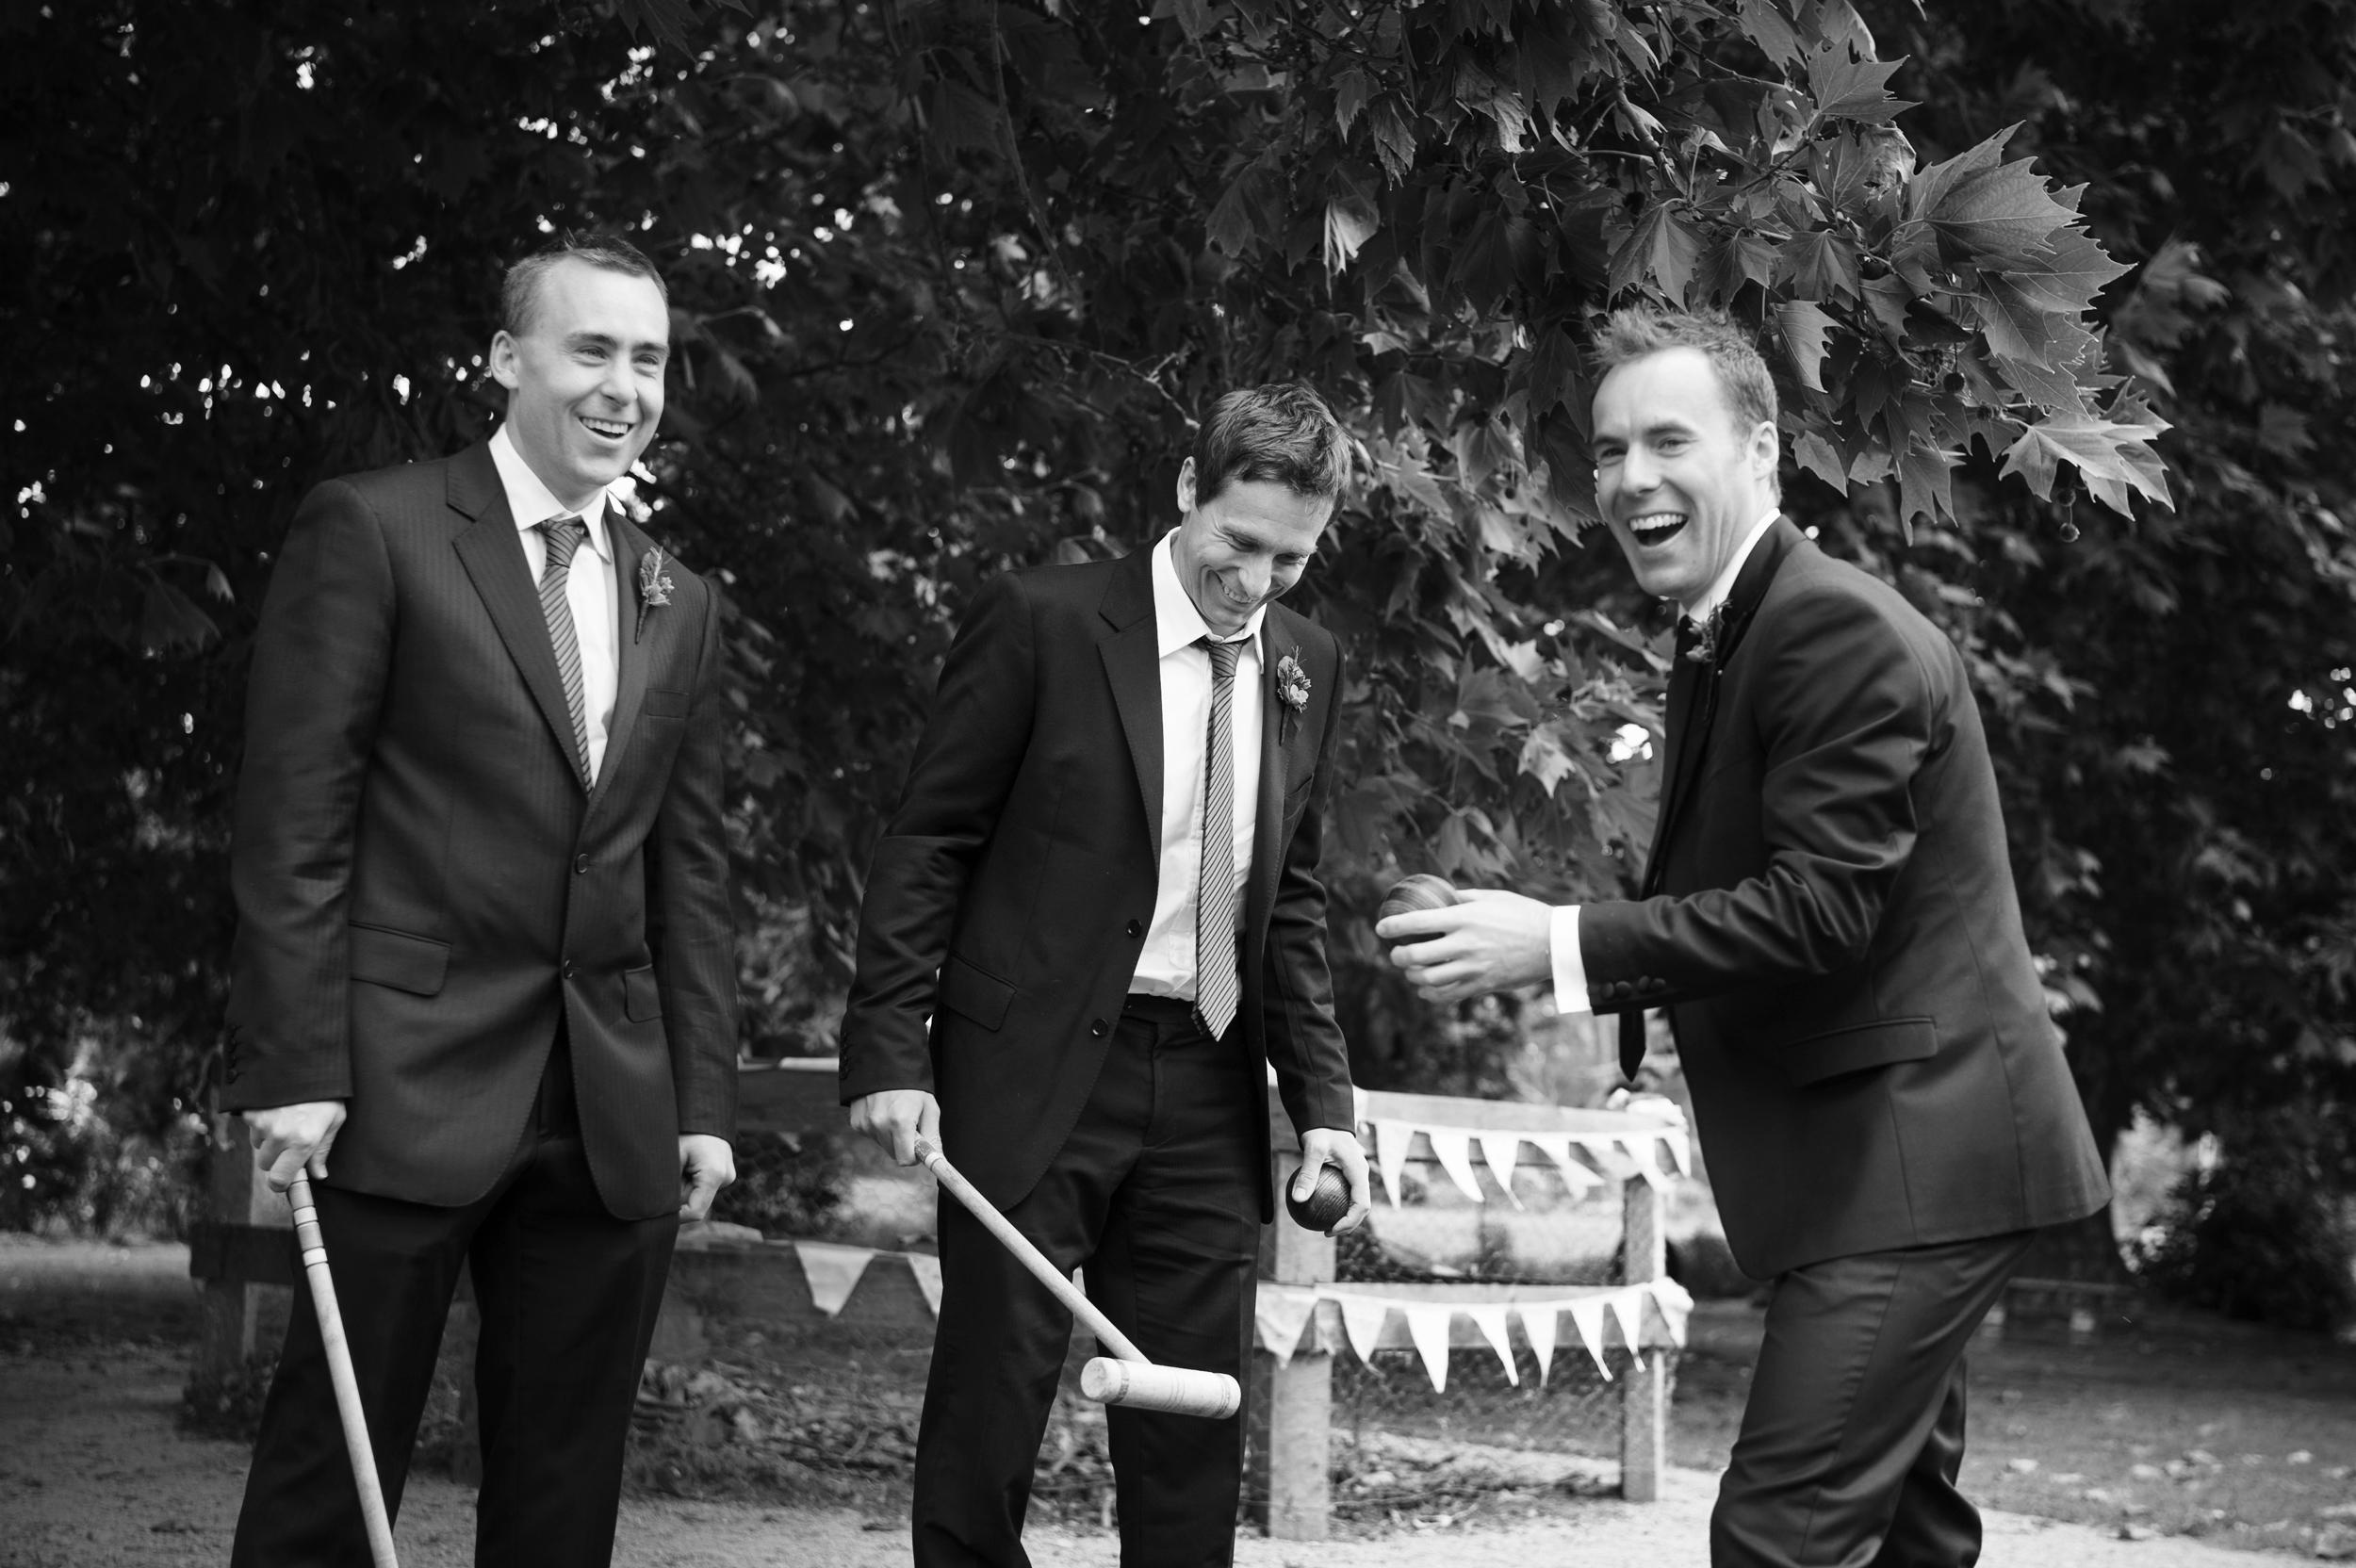 euroa_butter_factory_wedding_photography_57.jpg